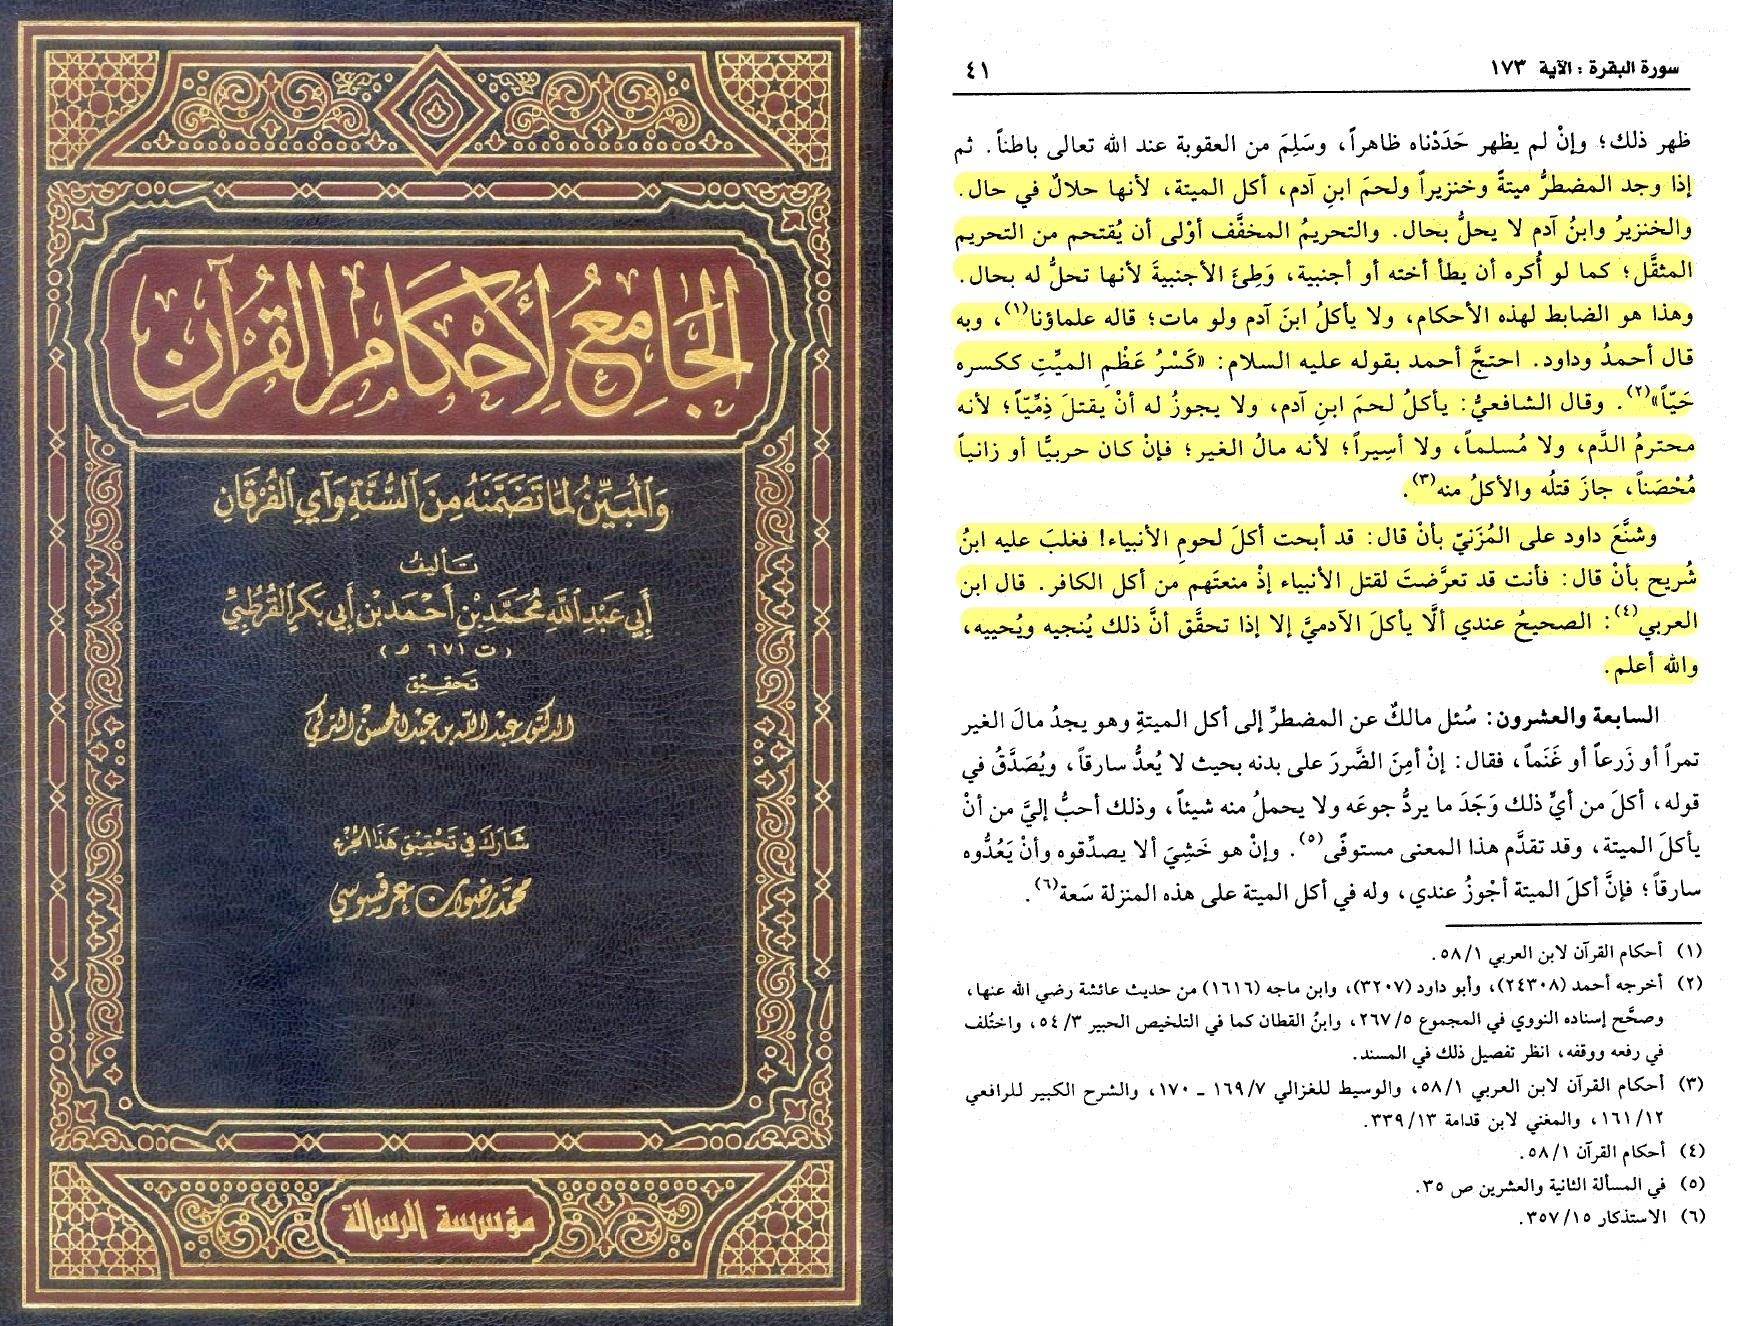 tafsir-e-qortobi-b-3-s-41